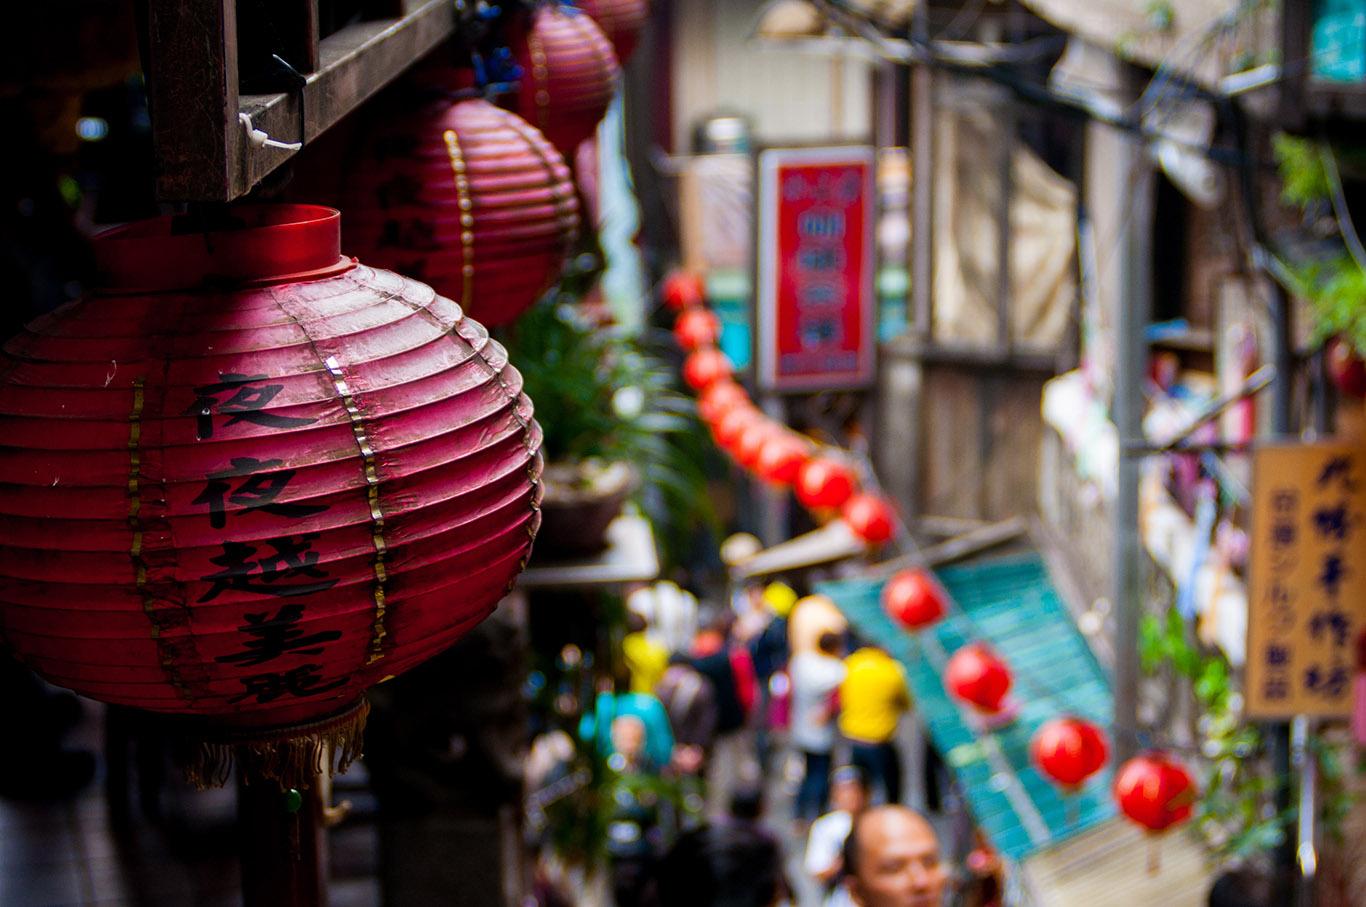 台湾の原宿「西門町」を観光しよう!若者に人気のグルメやショップを特集!